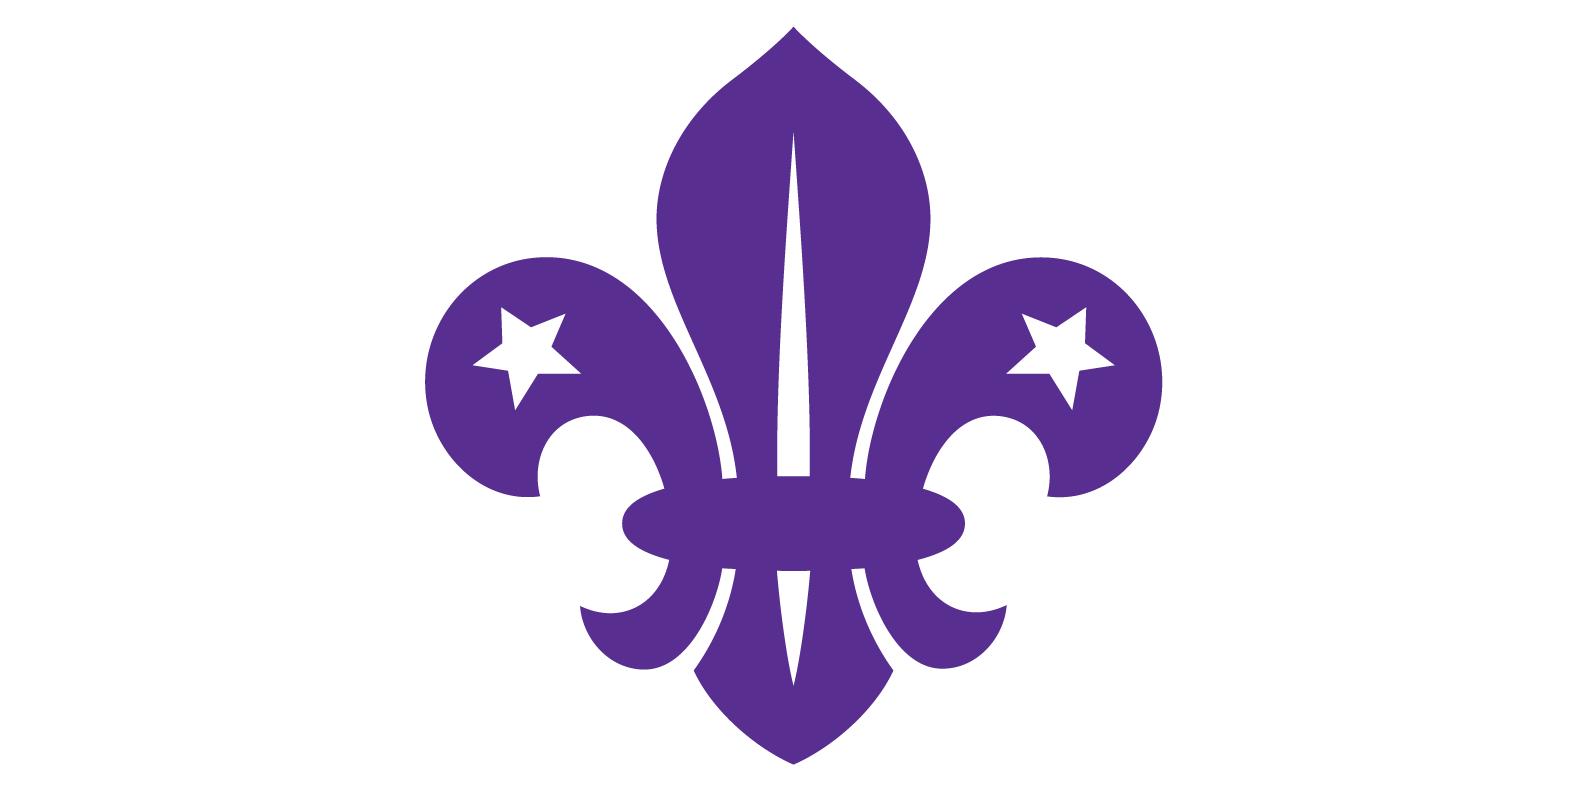 scouts Logo photo - 1